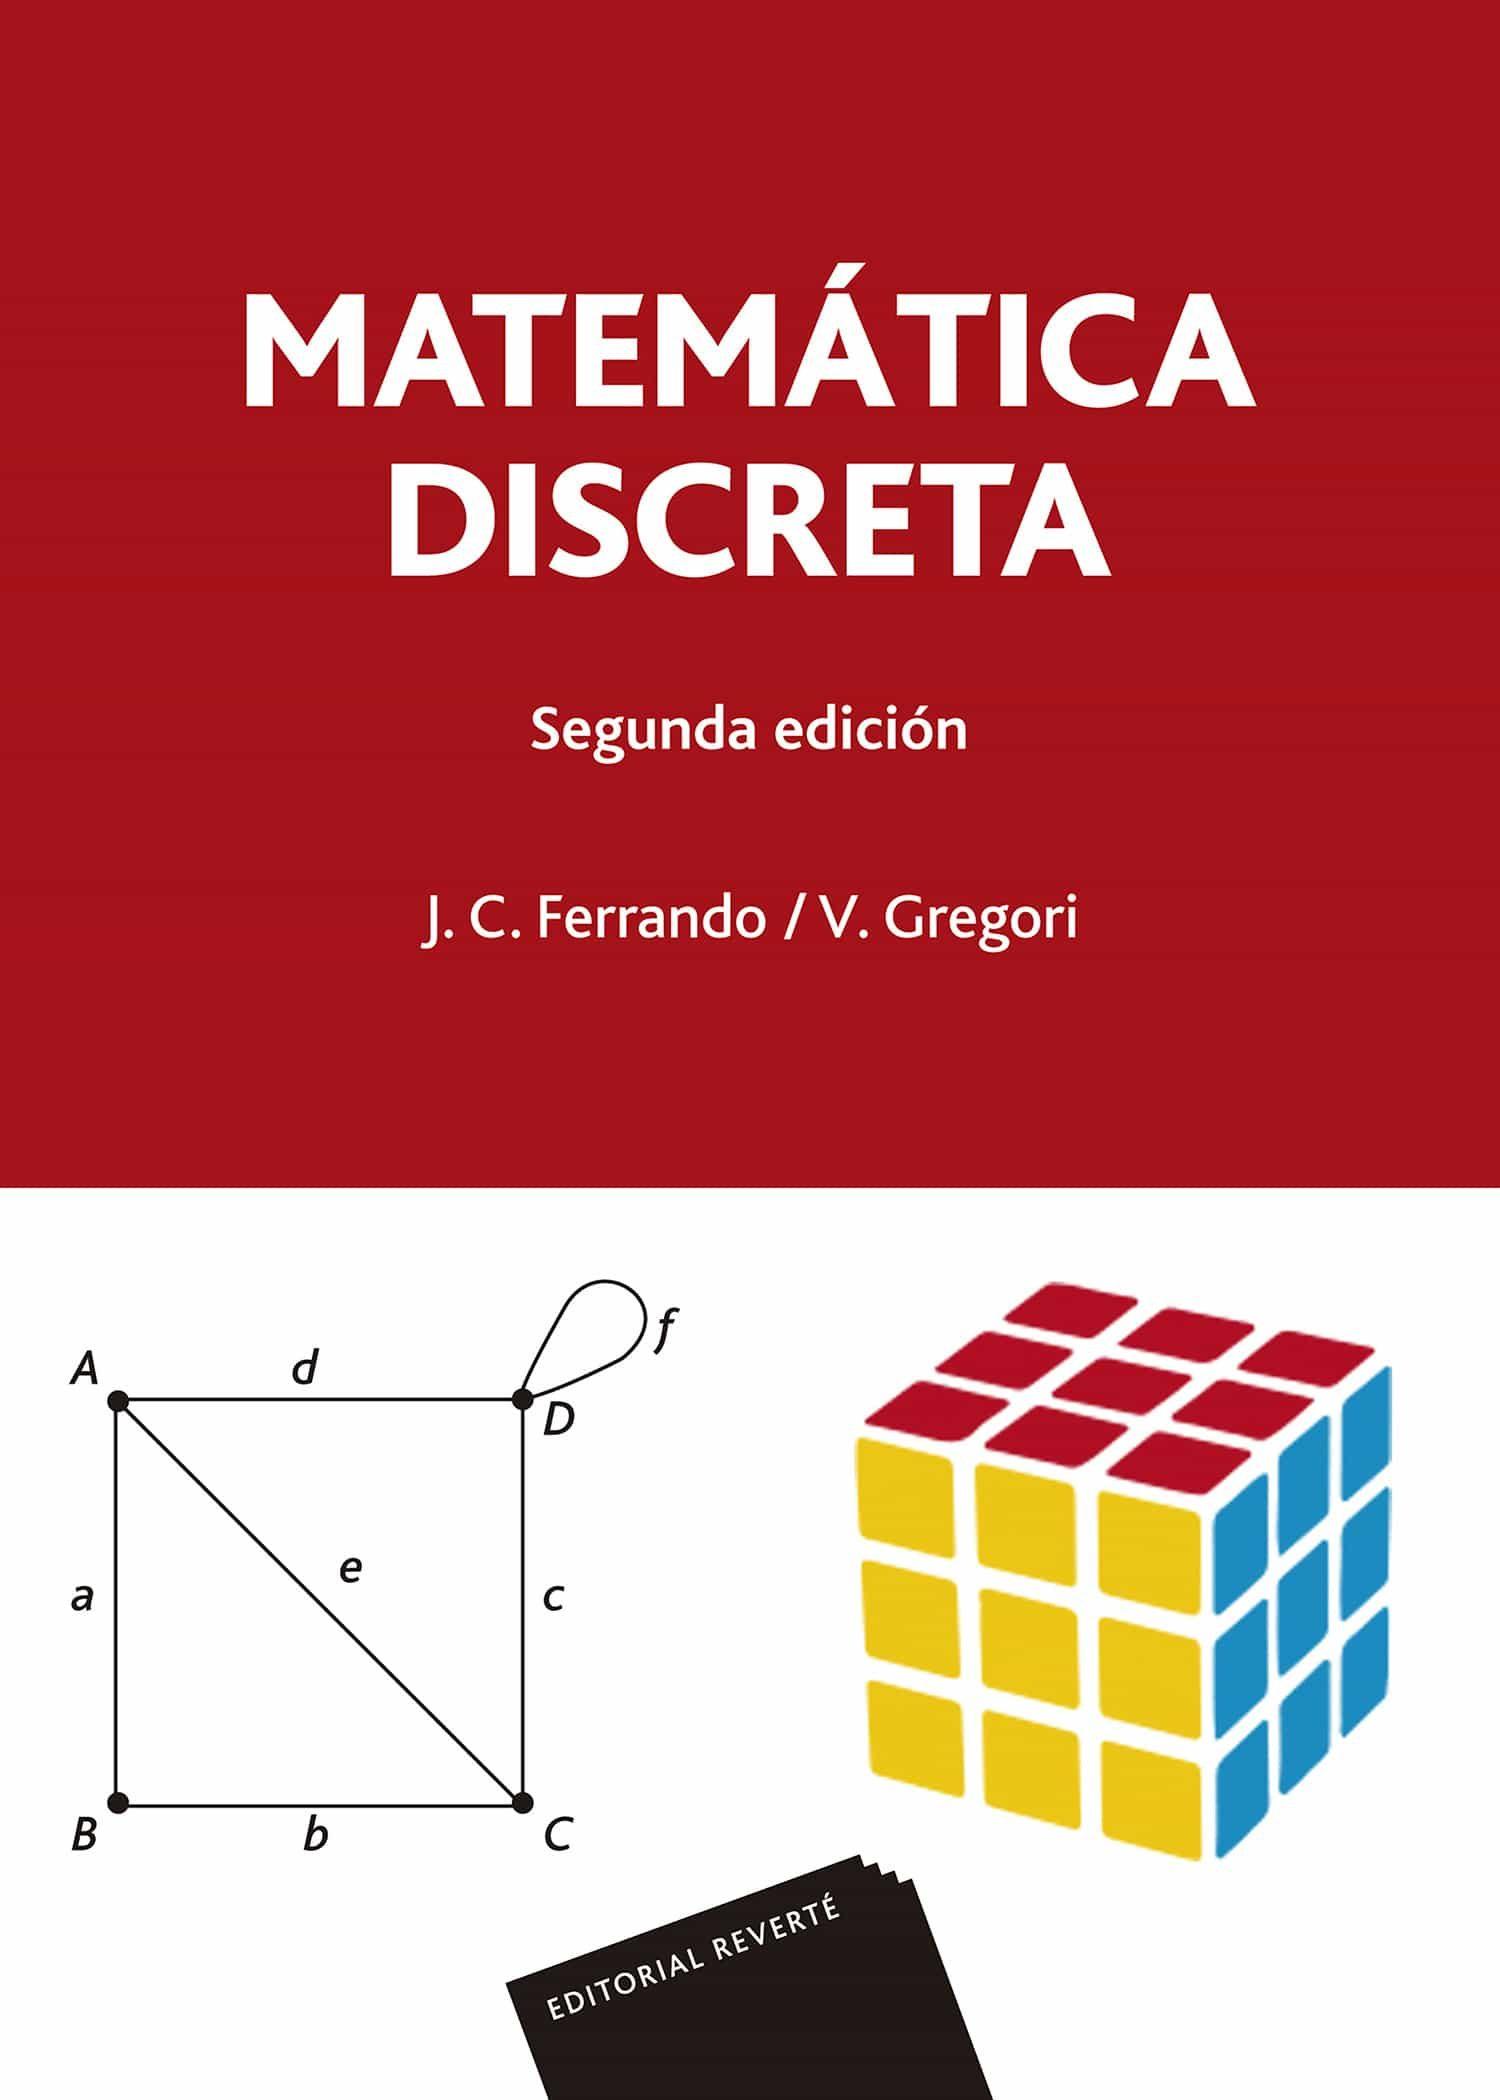 matematica discreta (2ª ed.)-j. c. ferrando-v. gregori-9788429151794